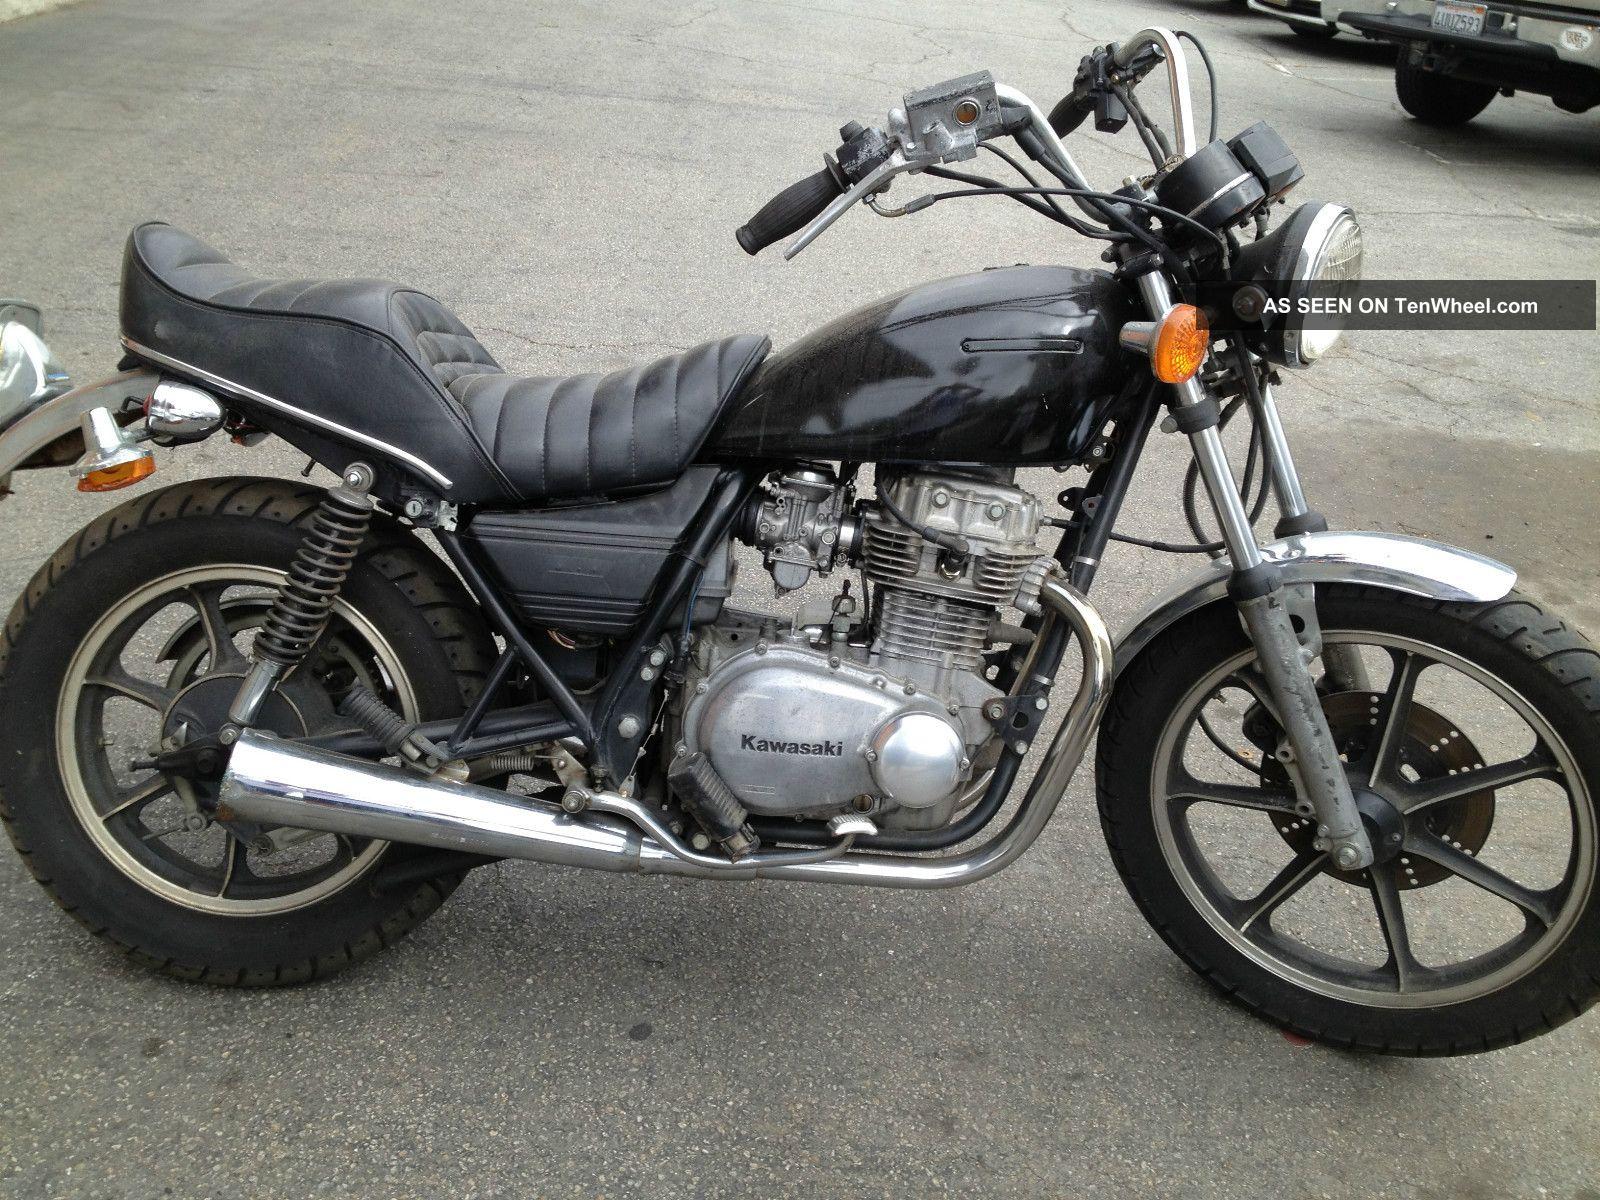 yamaha 440 motorcycle images